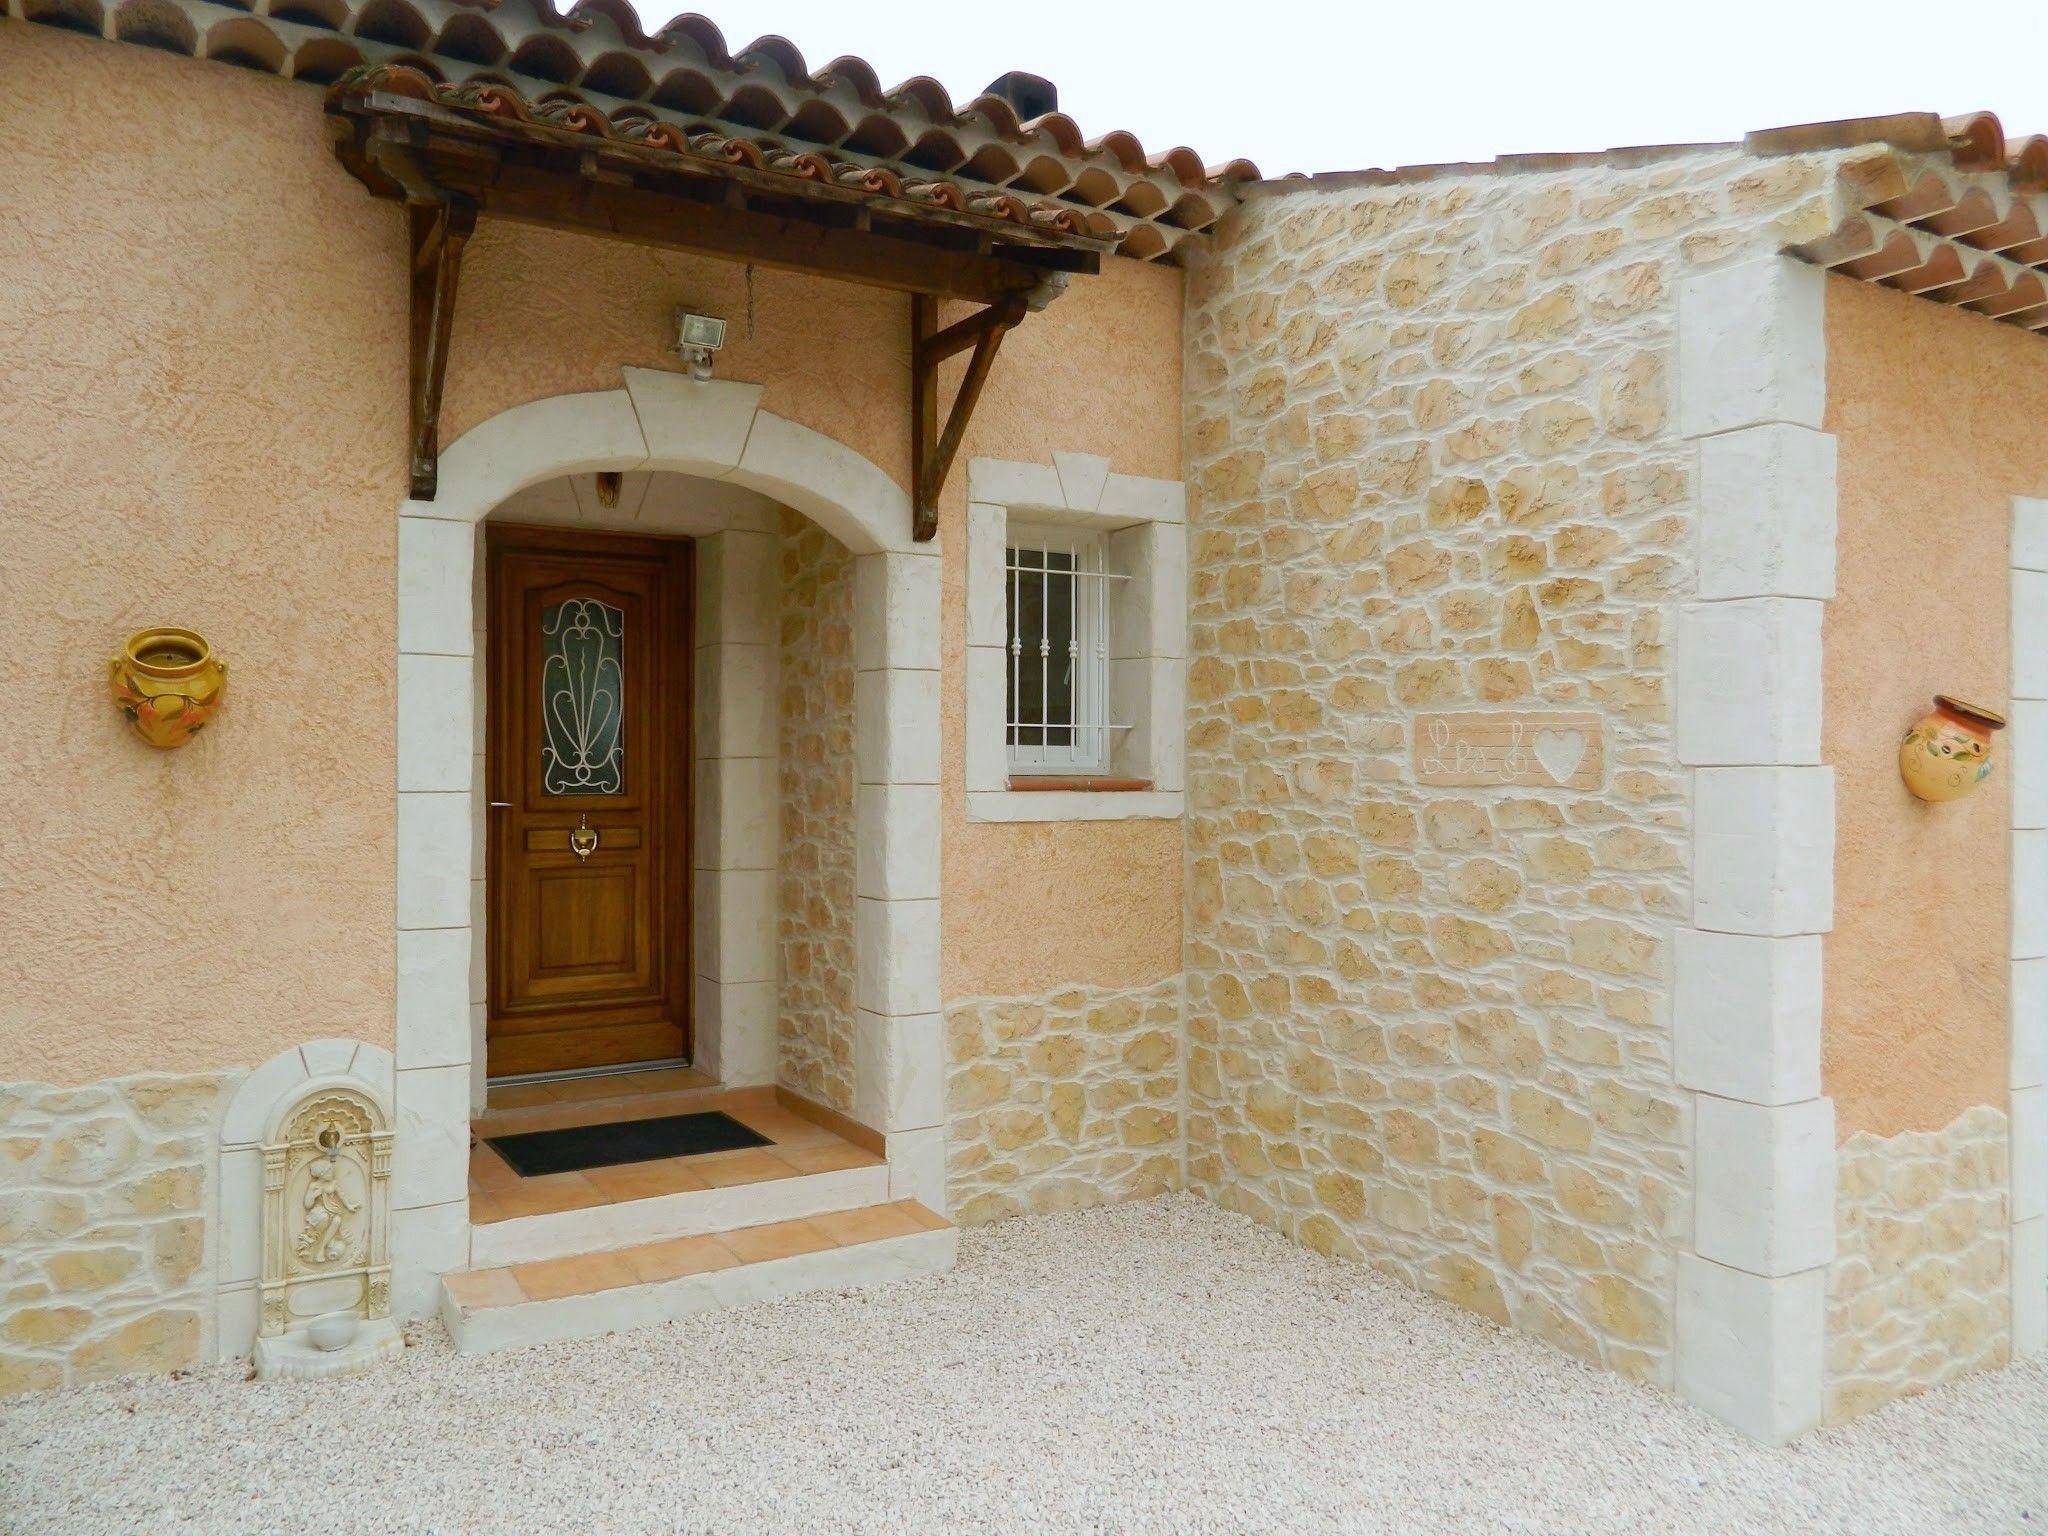 La Façade De Cette Maison A Été Décorée En Partie Avec L ... intérieur Decoration Mur Exterieur Maison En Tunisie